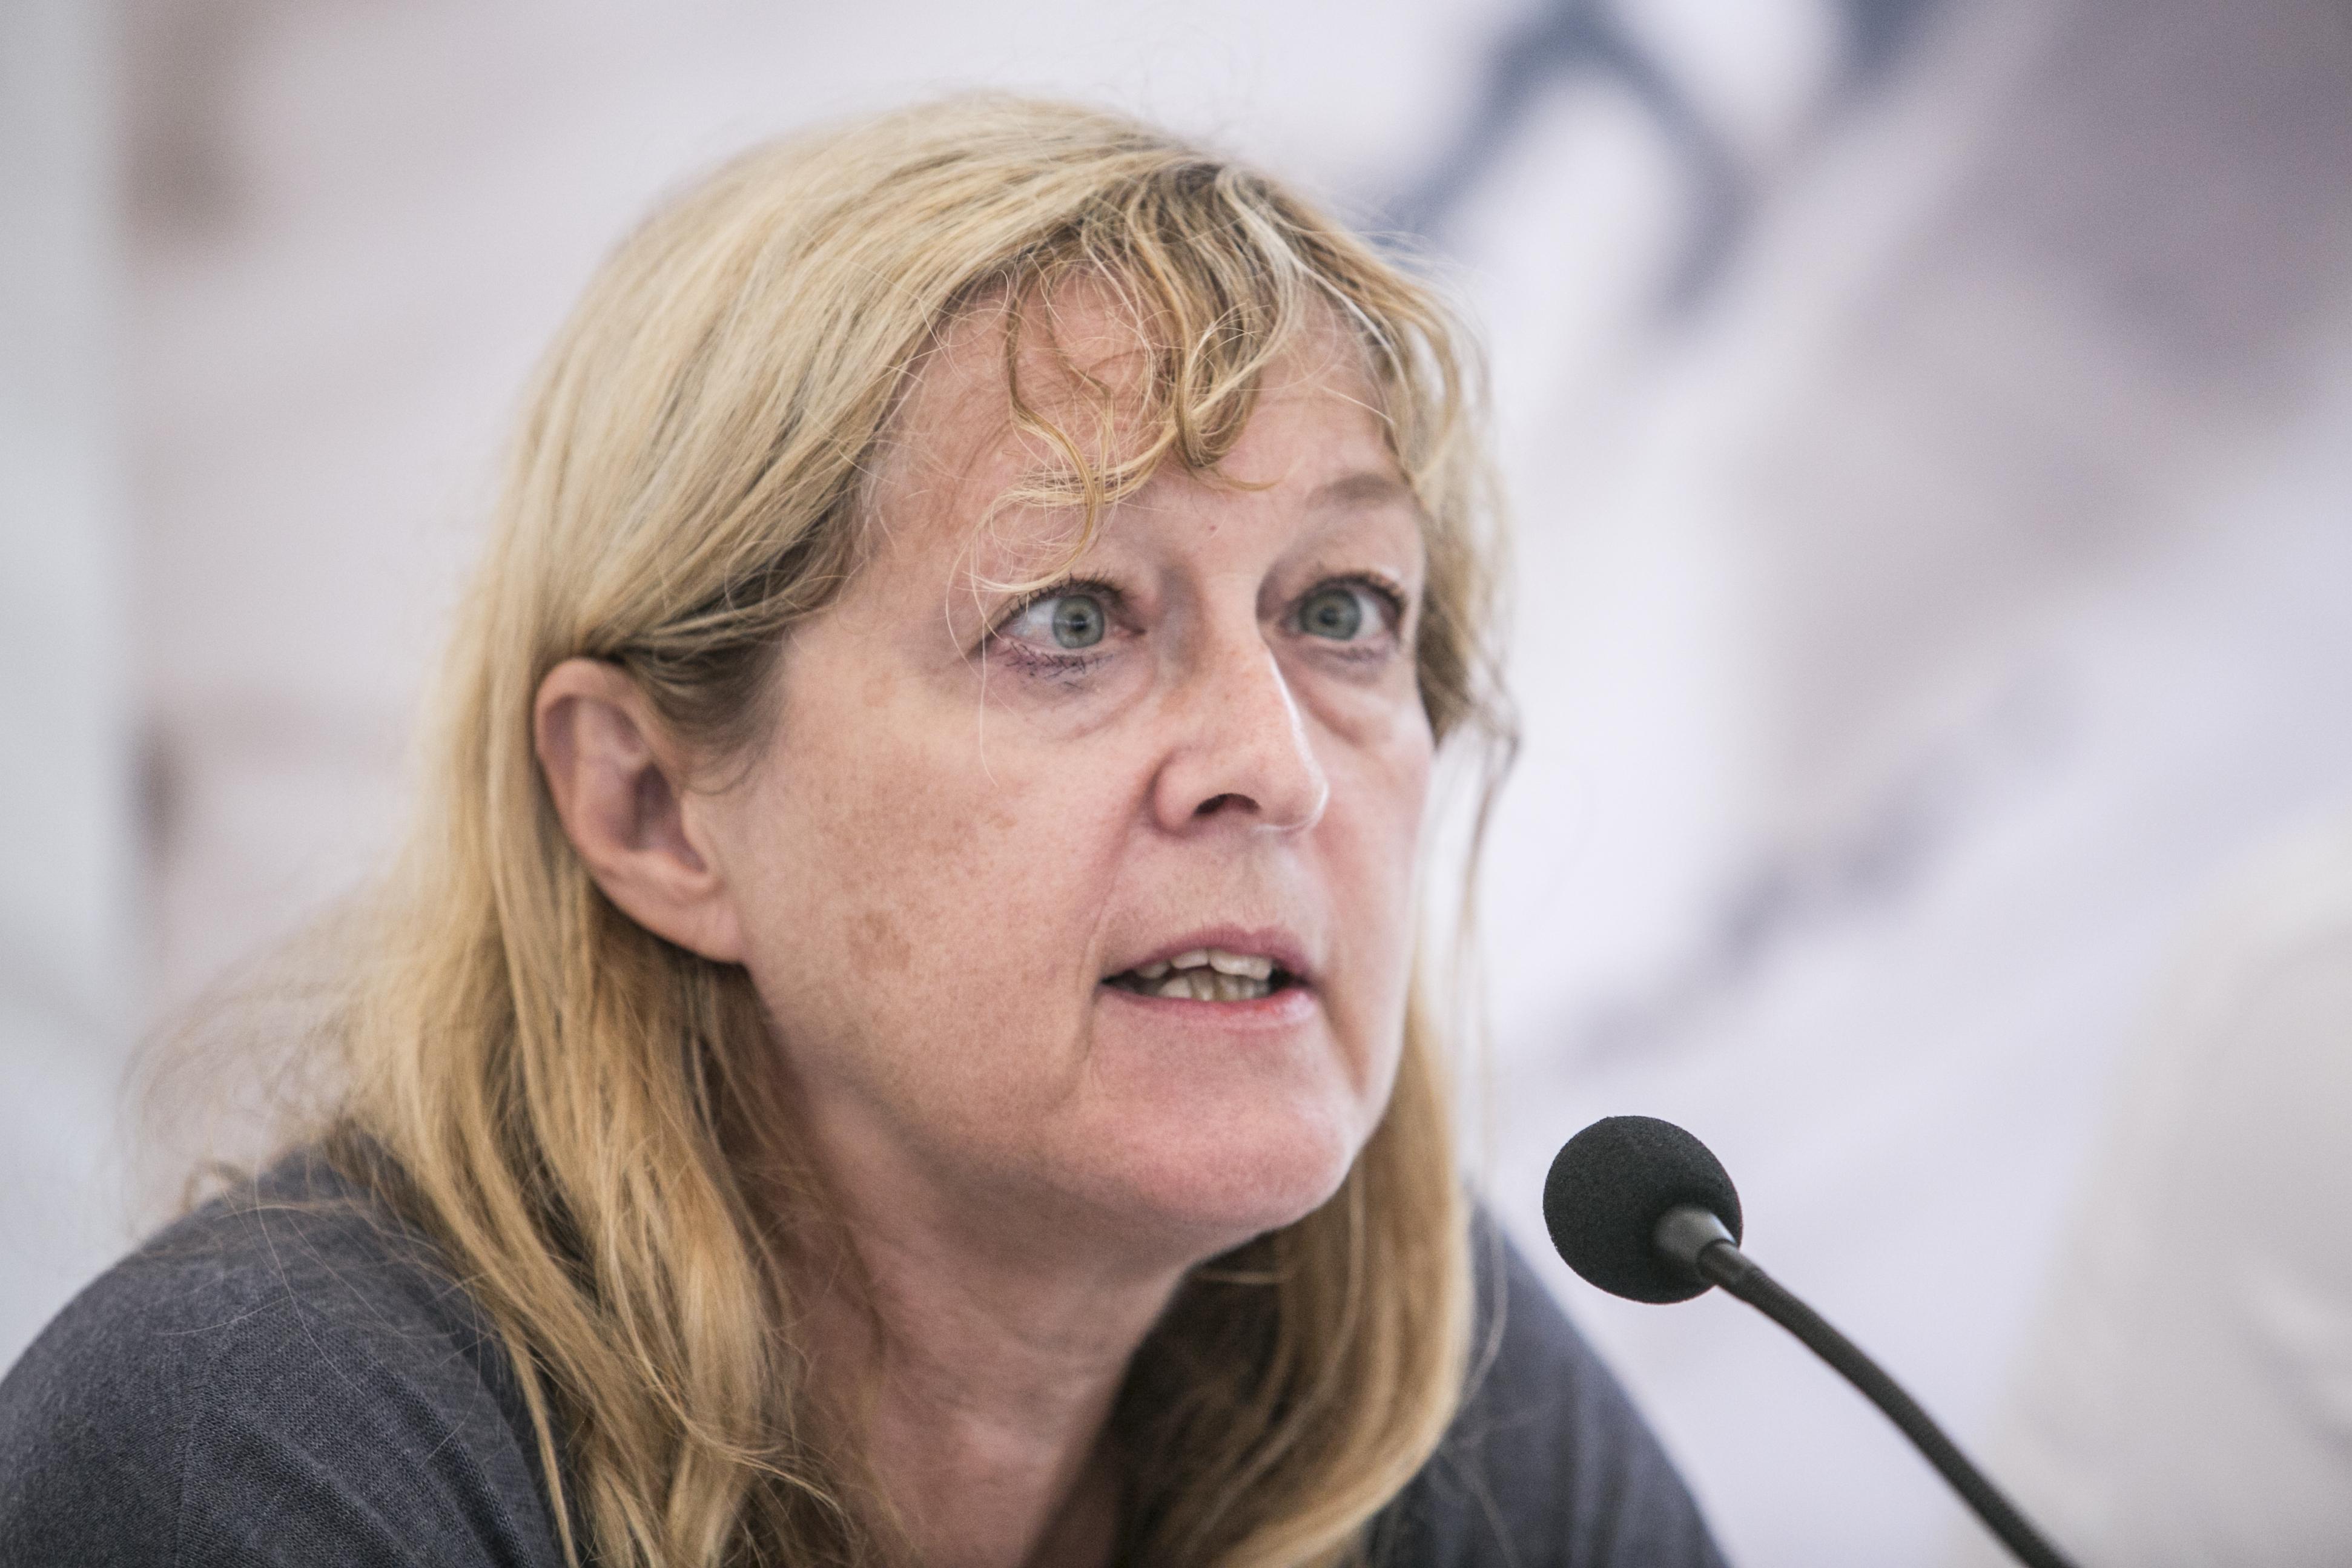 Schmidt Máriáék cégének 20 milliárd forintos hitelkeretet biztosít a Magyar Fejlesztési Bank